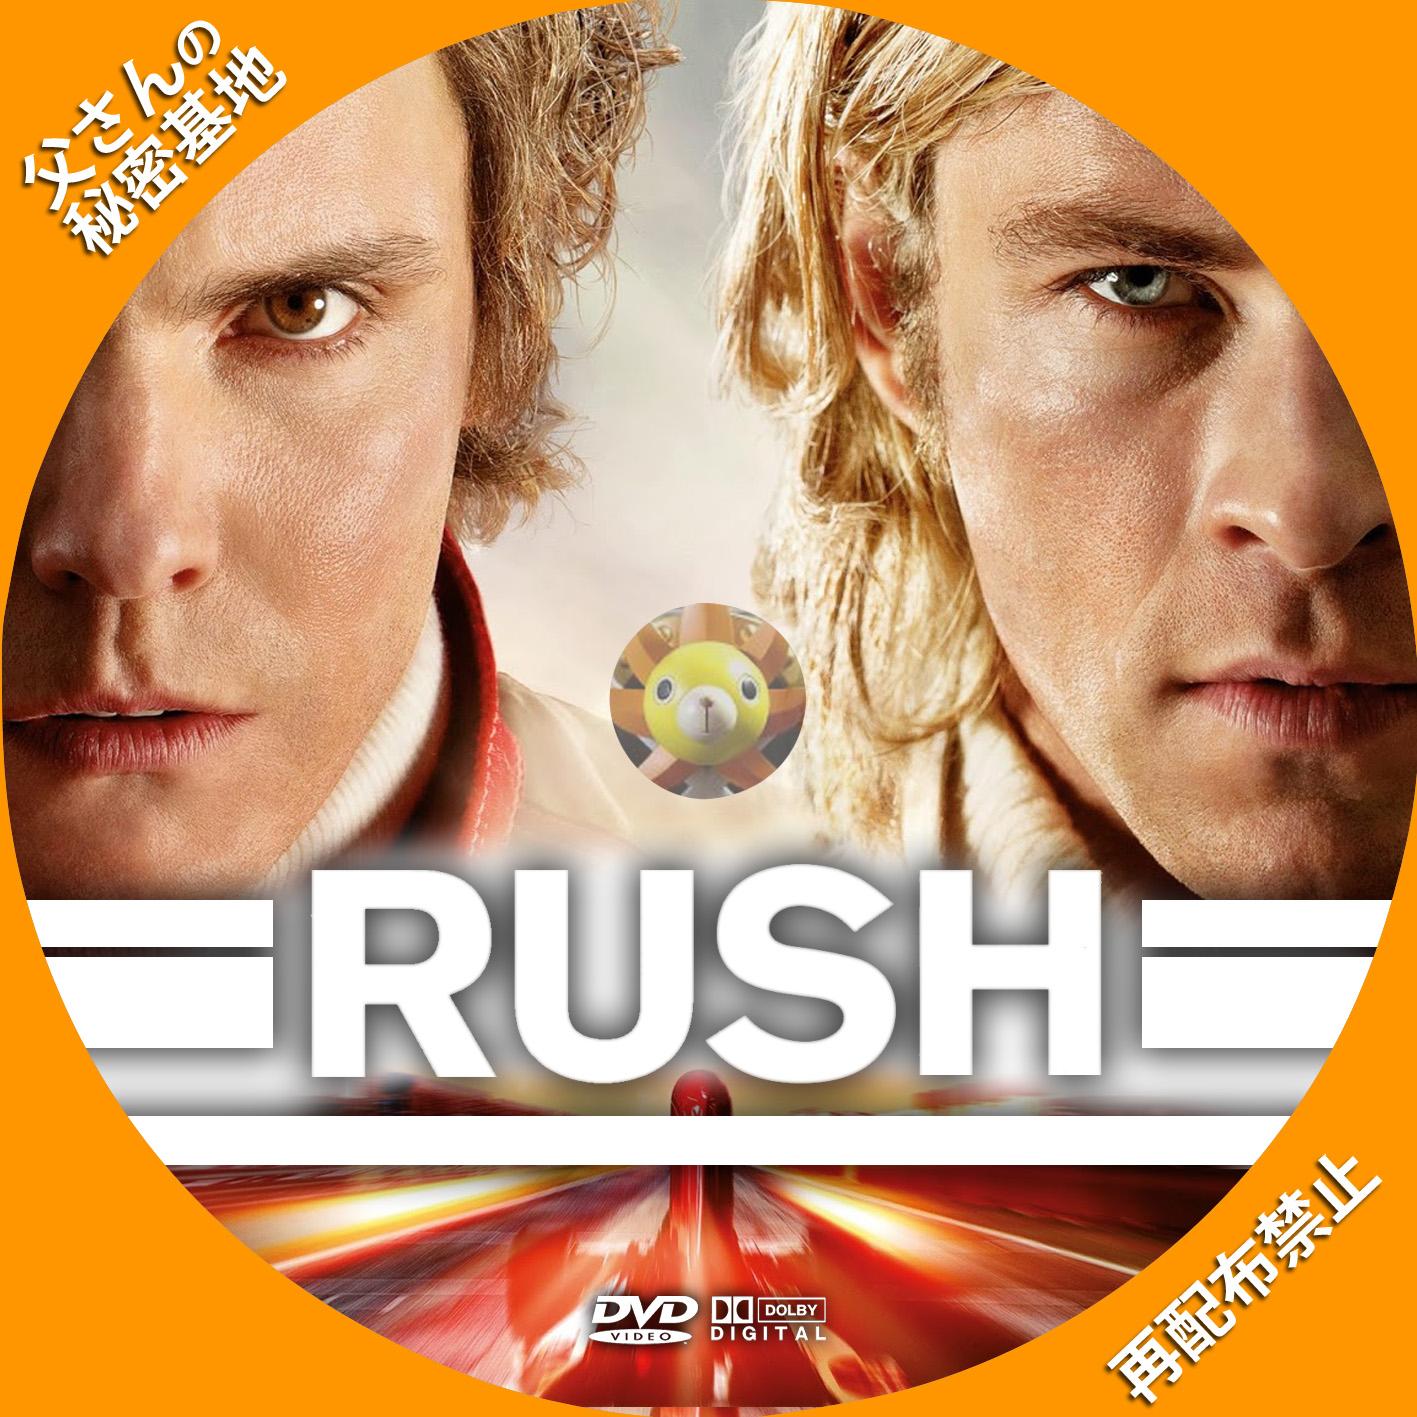 RUSH_01_DVD.jpg